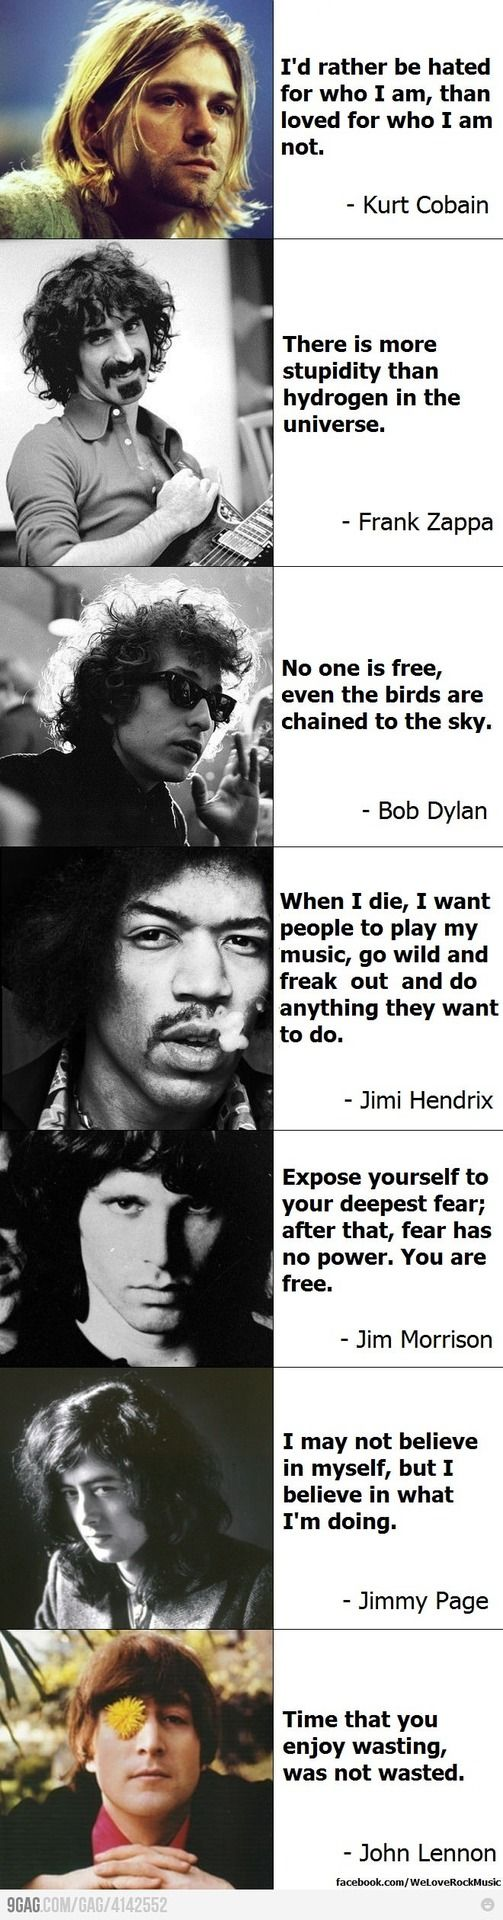 kurt cobain jimi hendrix john lennon Bob Dylan Jim Morrison Jimmy page frank zappa